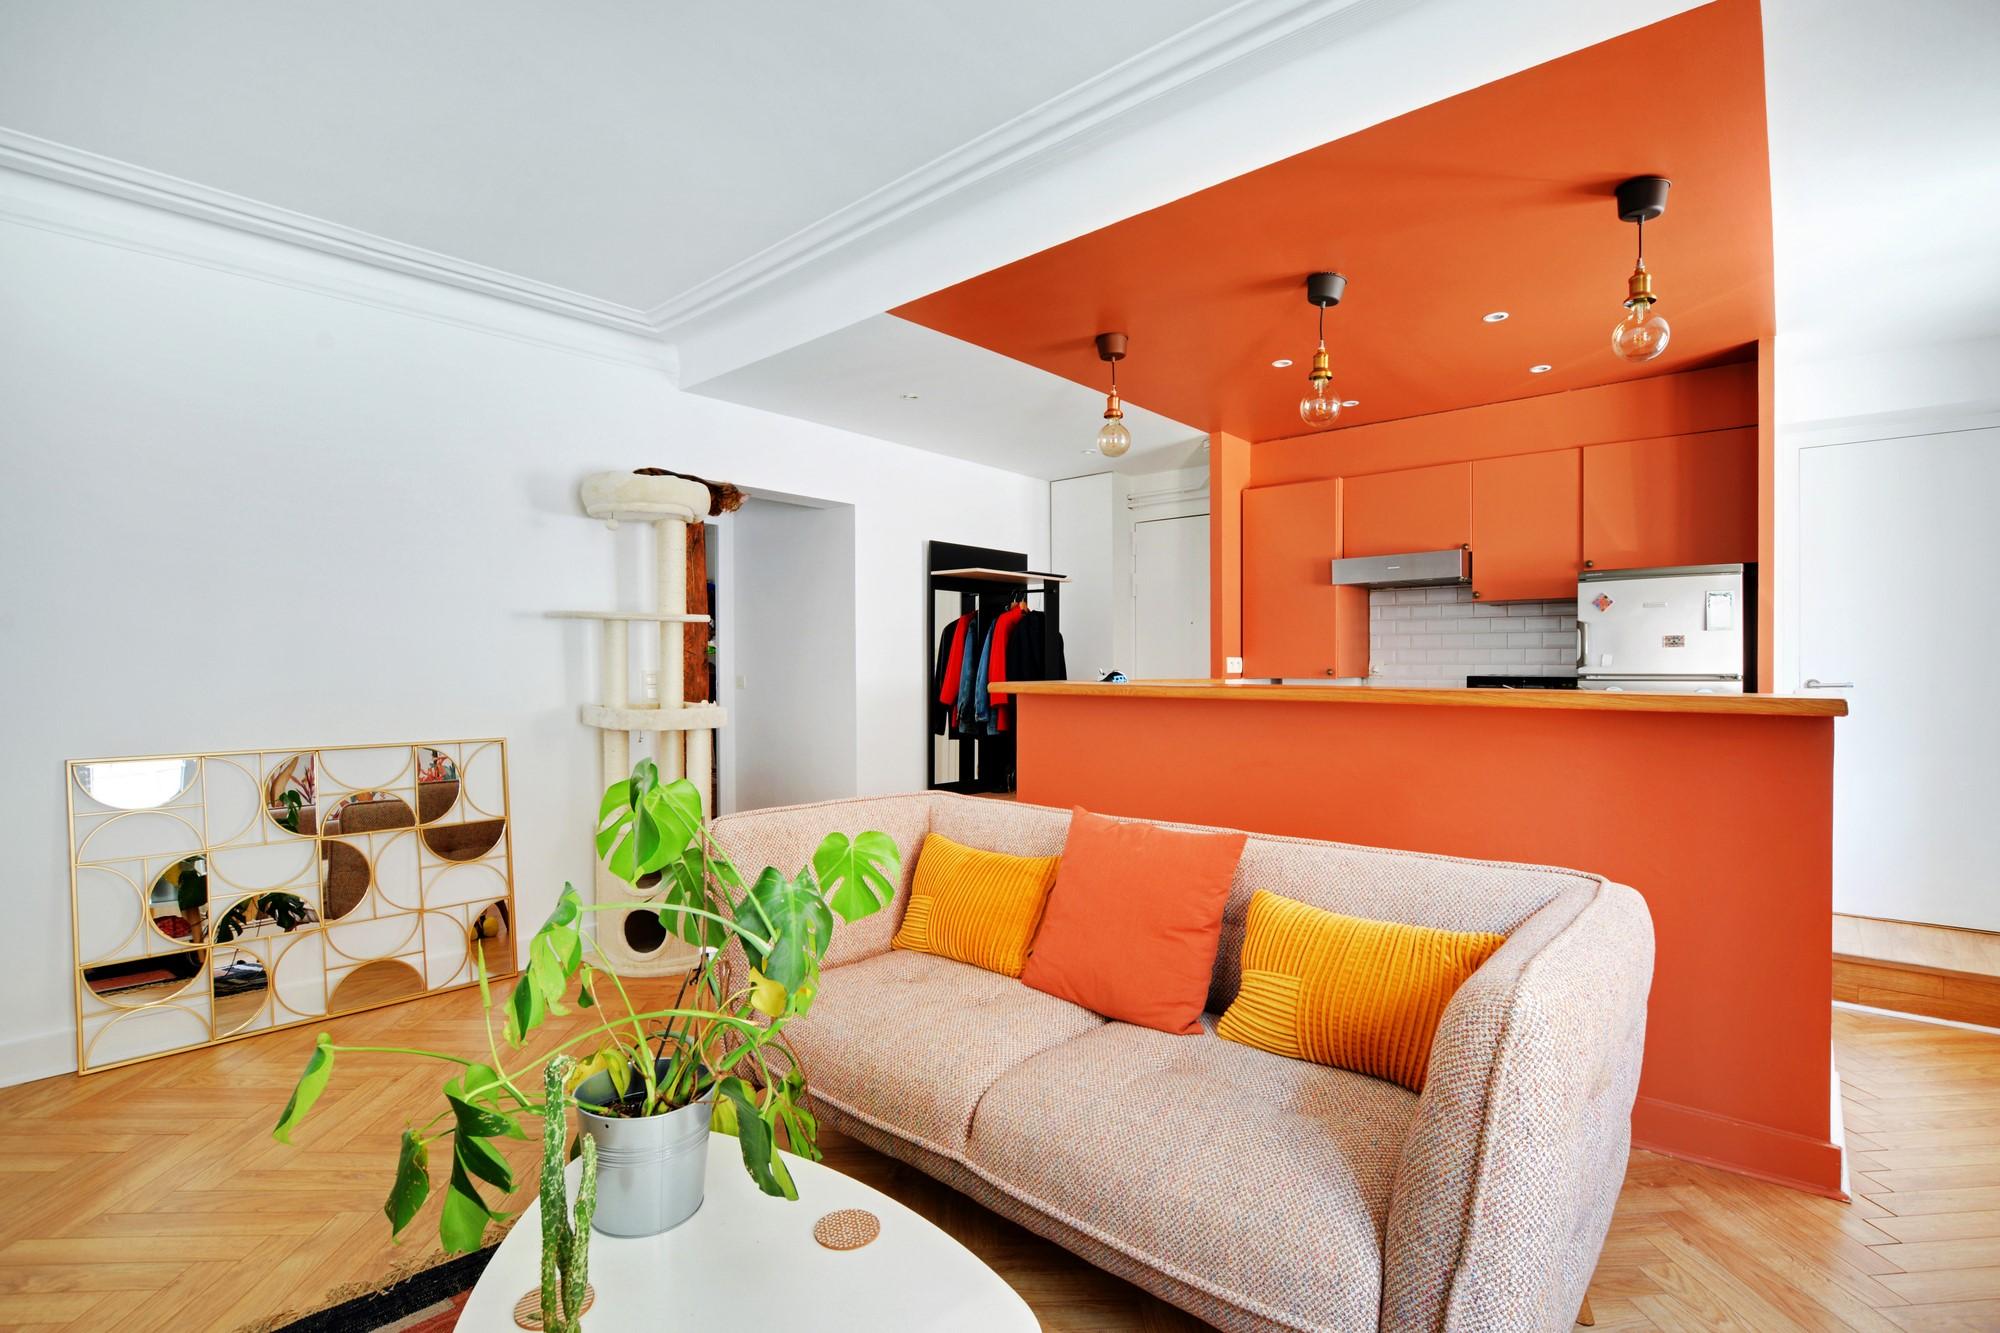 Cuisine et chambre rénovée avec peintures Tollens